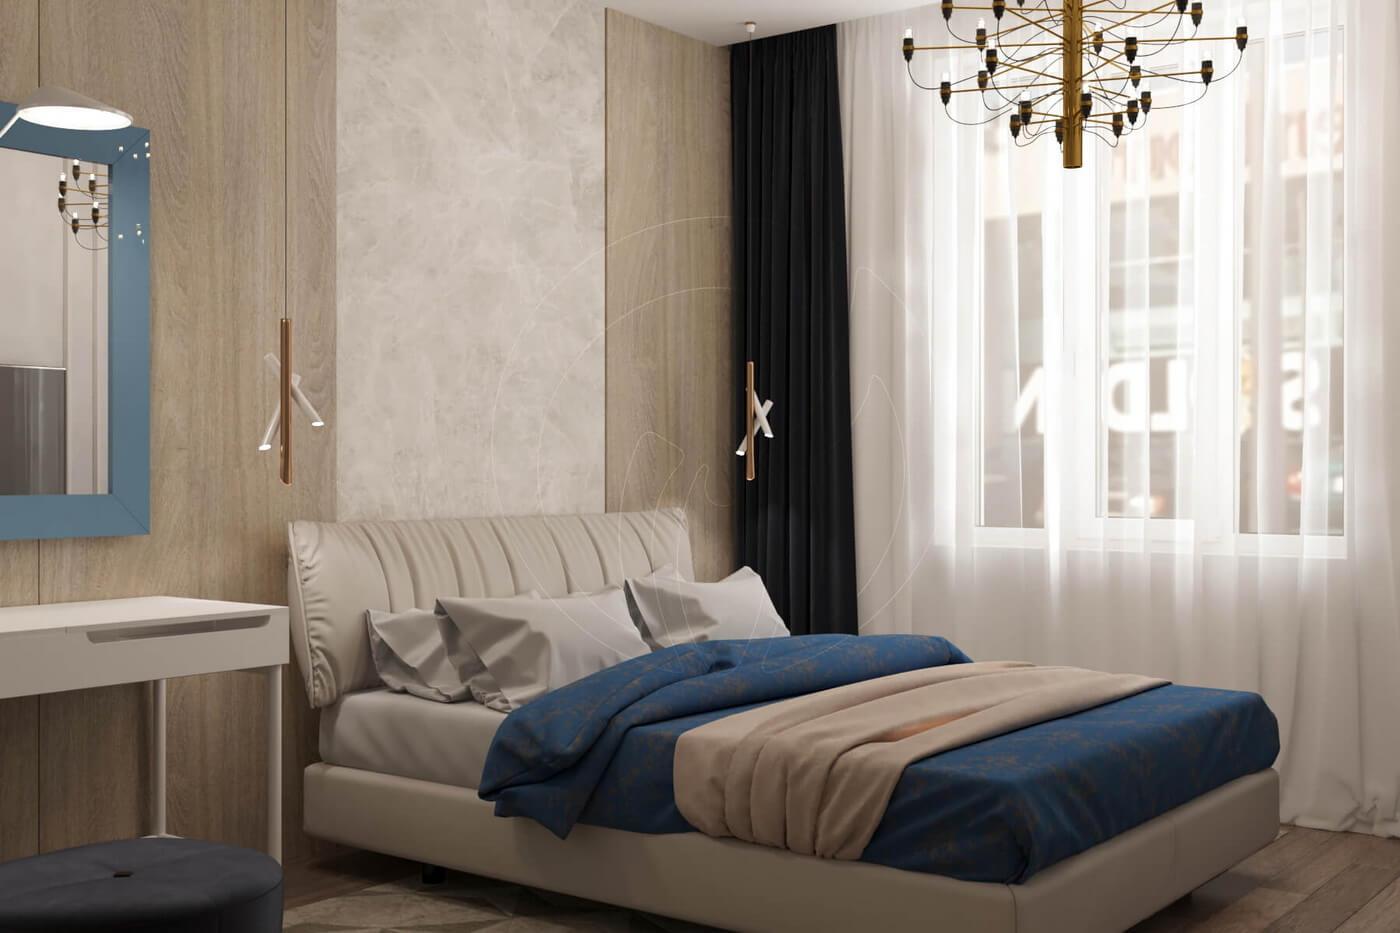 """Квартира в стиле """"современная классика"""". Спальня в современной классике. Стеновые панели"""